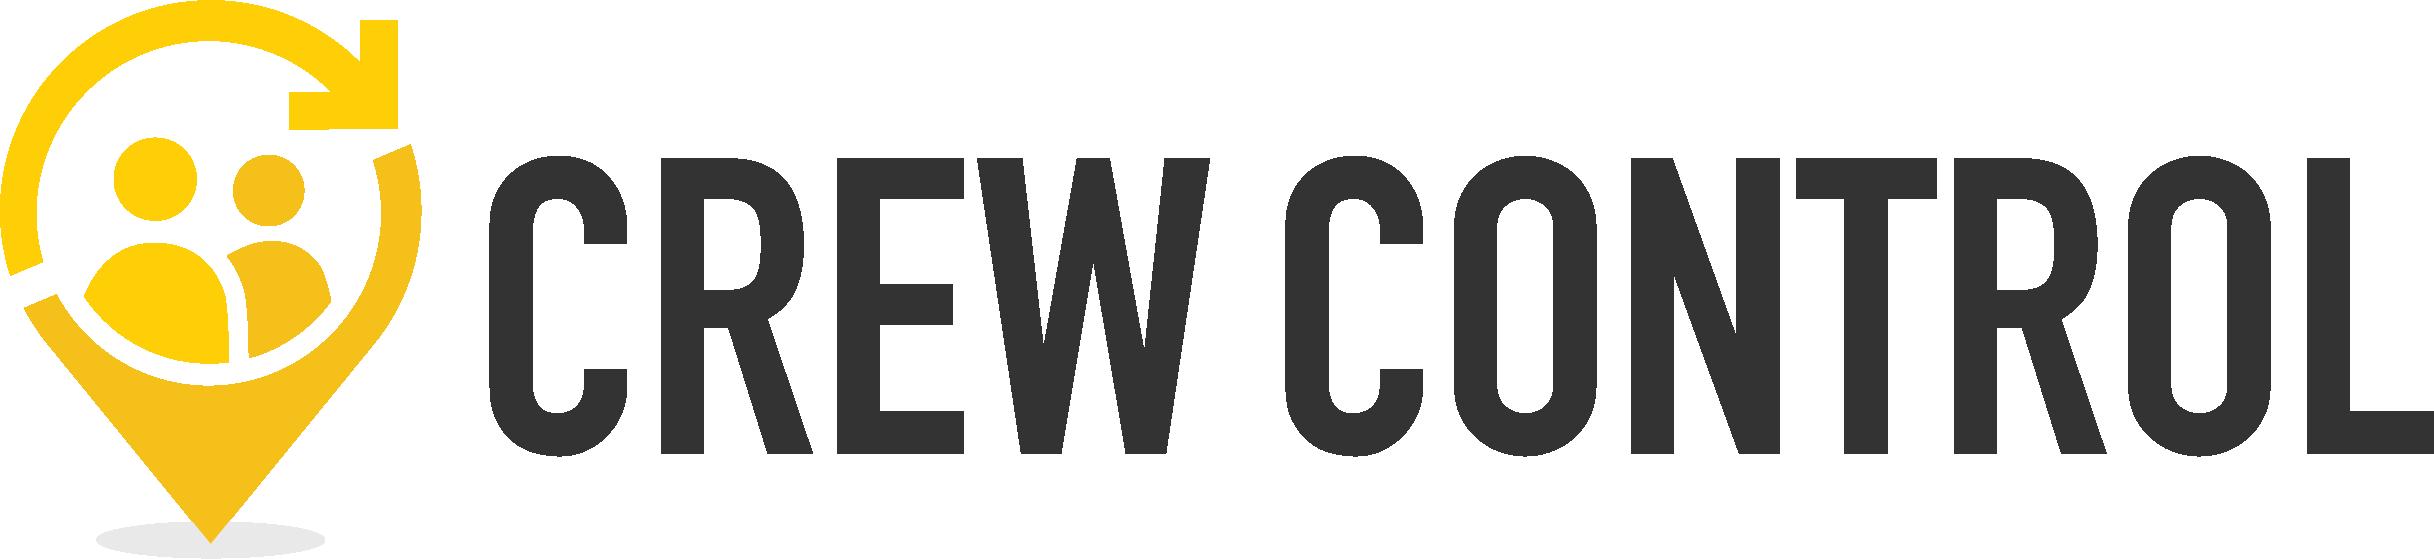 Aspire acquires Crew Control